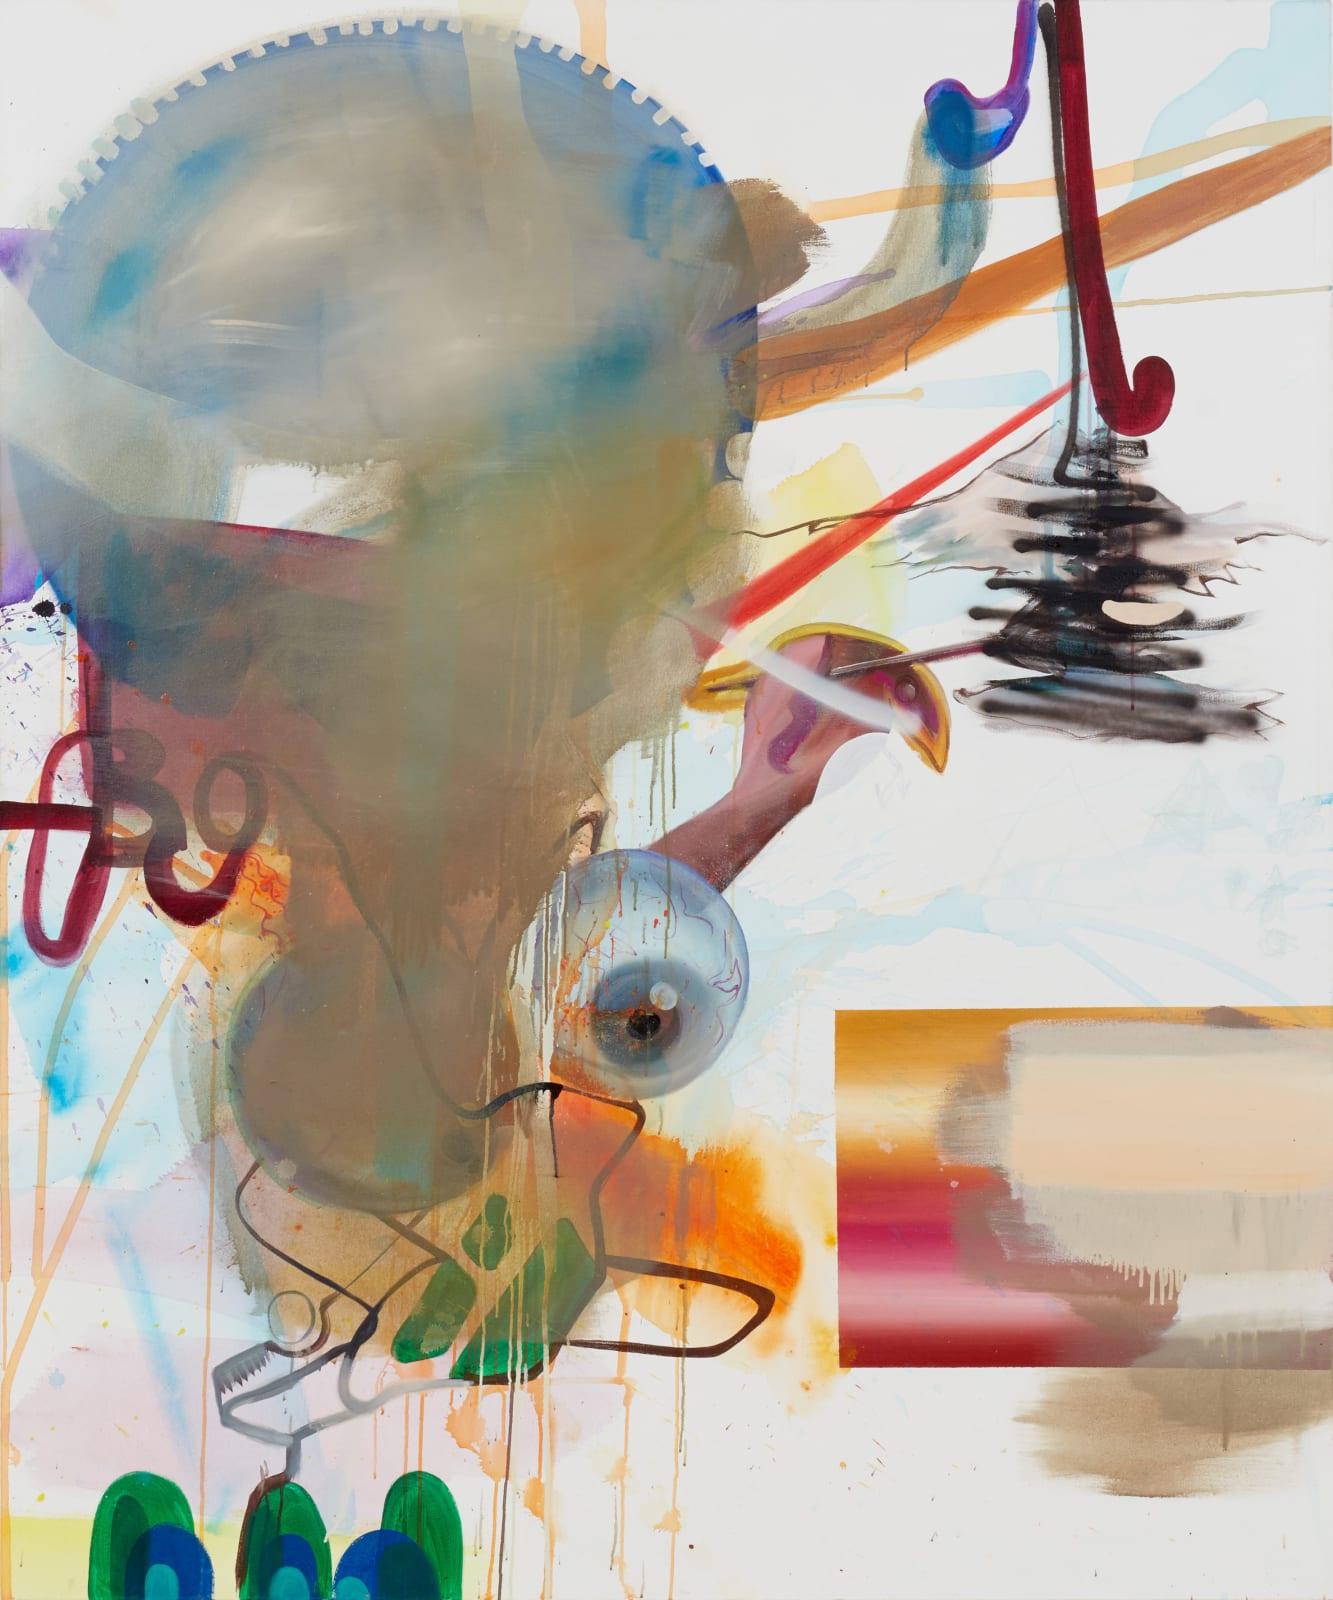 Albert Oehlen, Farbe in Bäumen [Colour in Trees], 2005